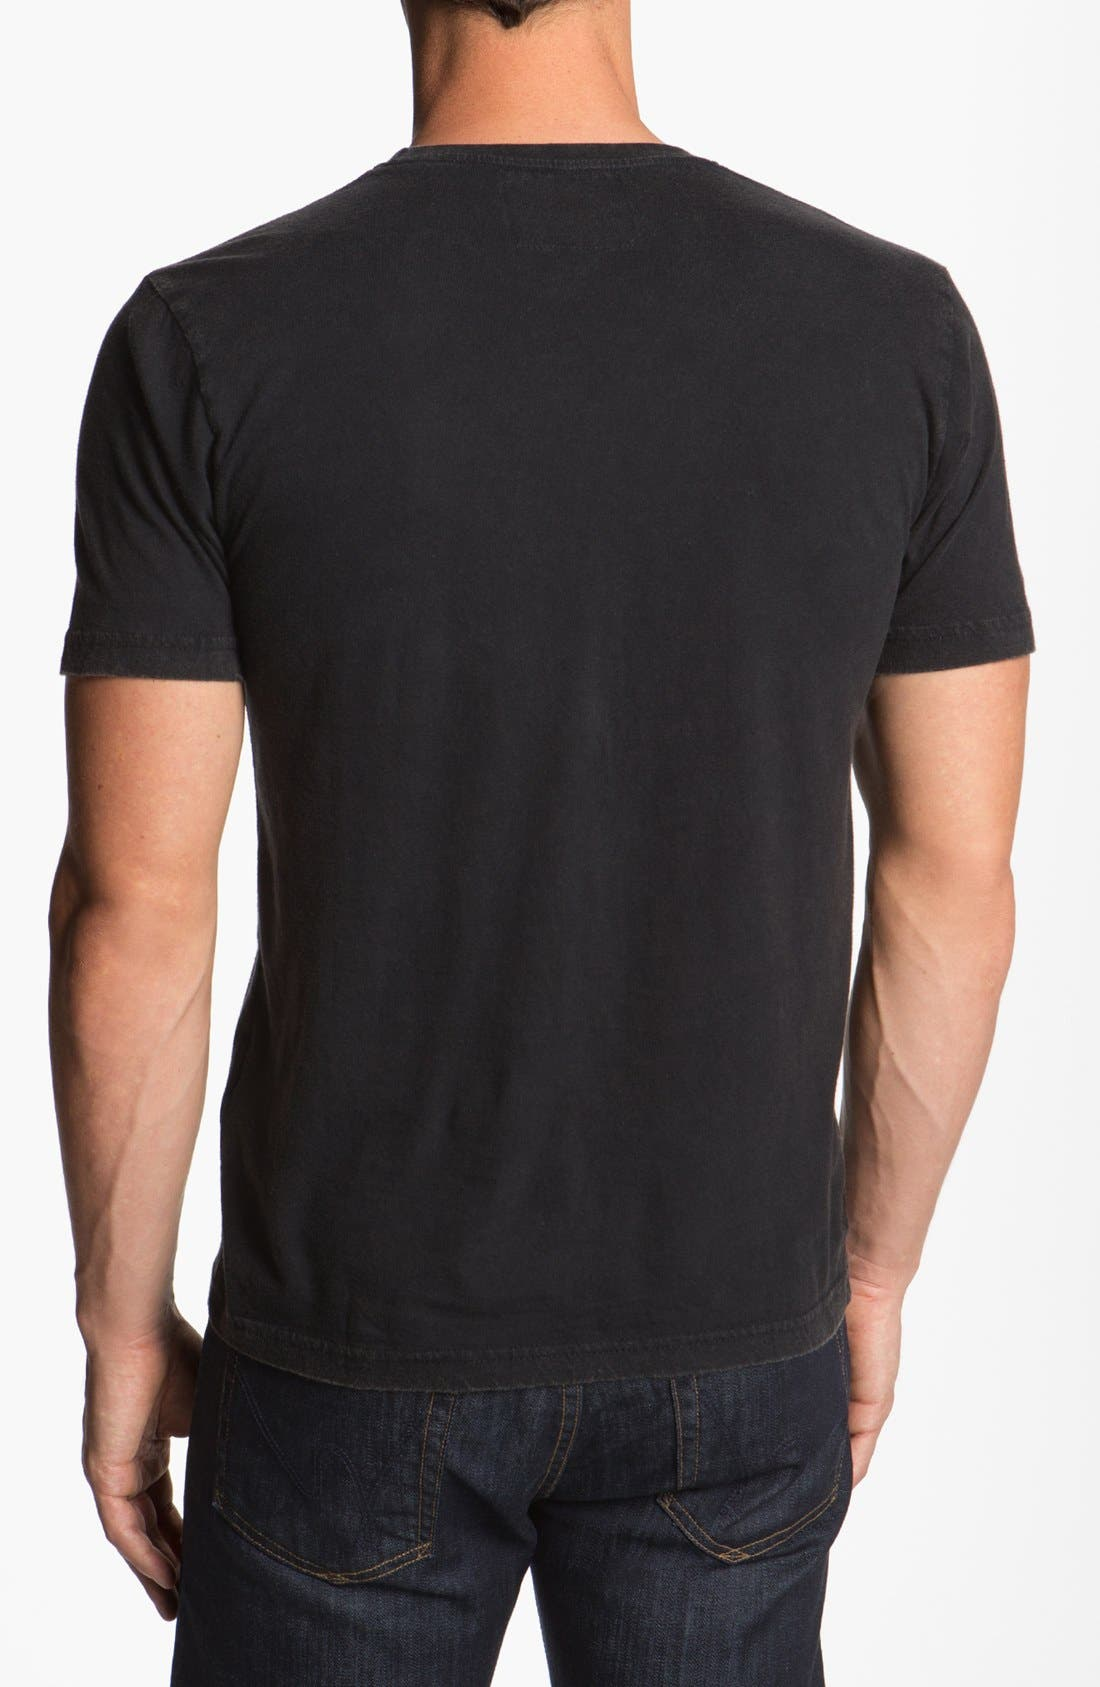 Alternate Image 2  - Red Jacket 'Philadelphia Flyers' Regular Fit Crewneck T-Shirt (Men)